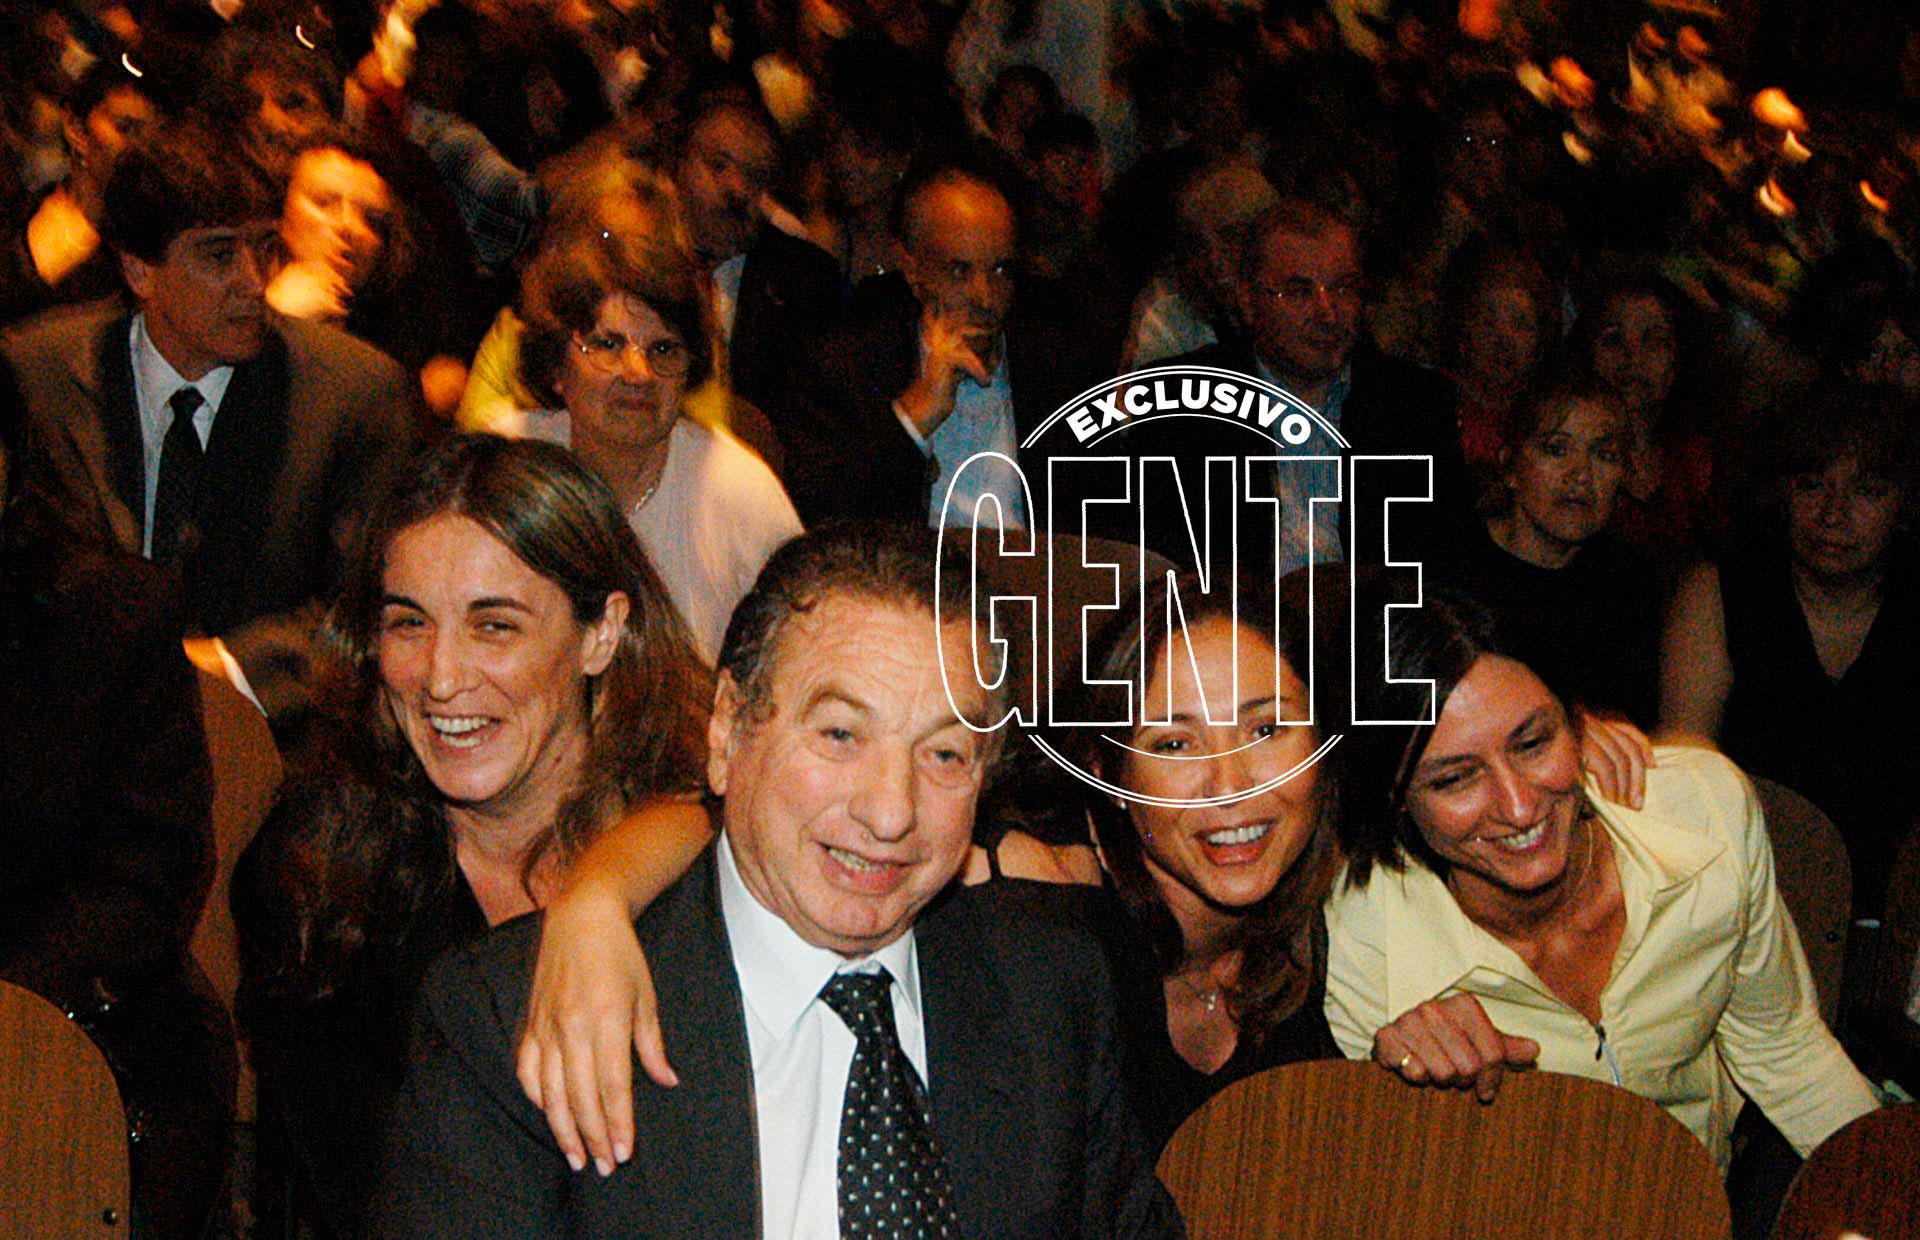 Franco Macri en una celebración de su firma Pago Fácil, en el Luna Park. Foto: Enrique García Medina/Revista GENTE